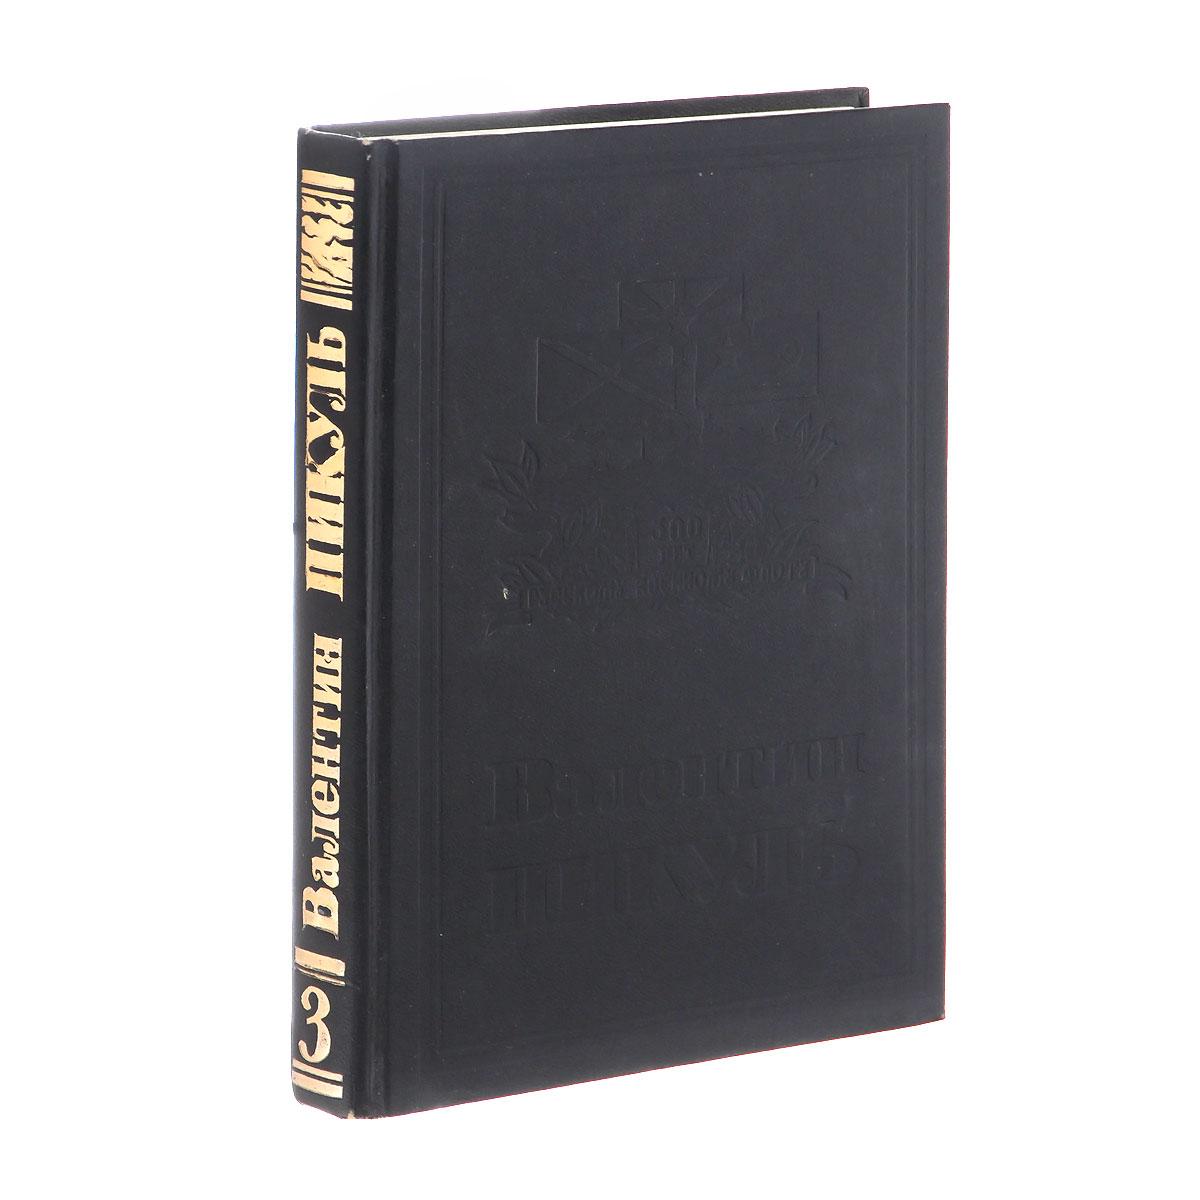 Валентин Пикуль. Собрание сочинений. В 13 томах. Том 3. Крейсера. Богатство